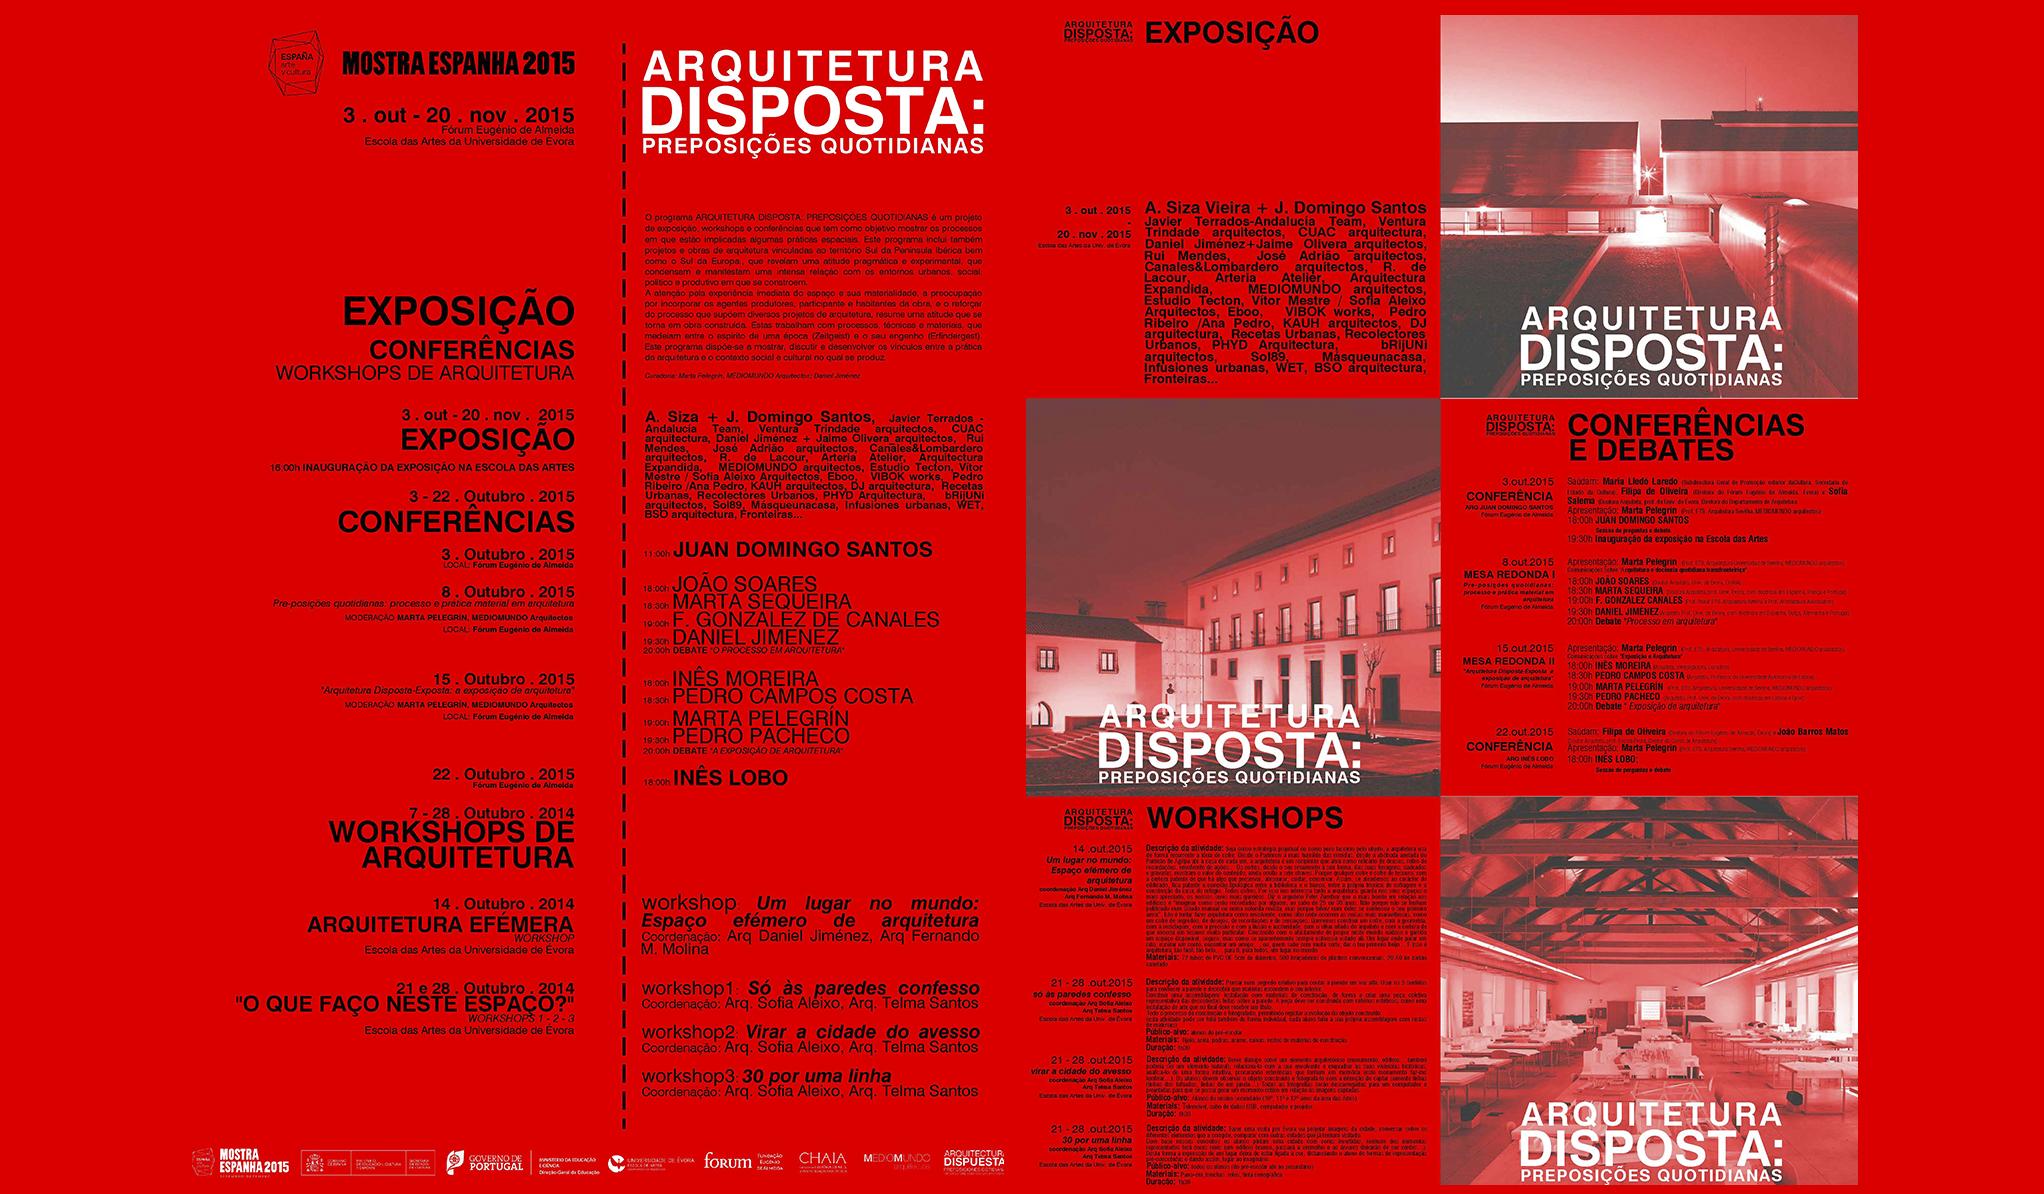 7_mediomundo arq_EVORA_ArquitecturaDispuesta